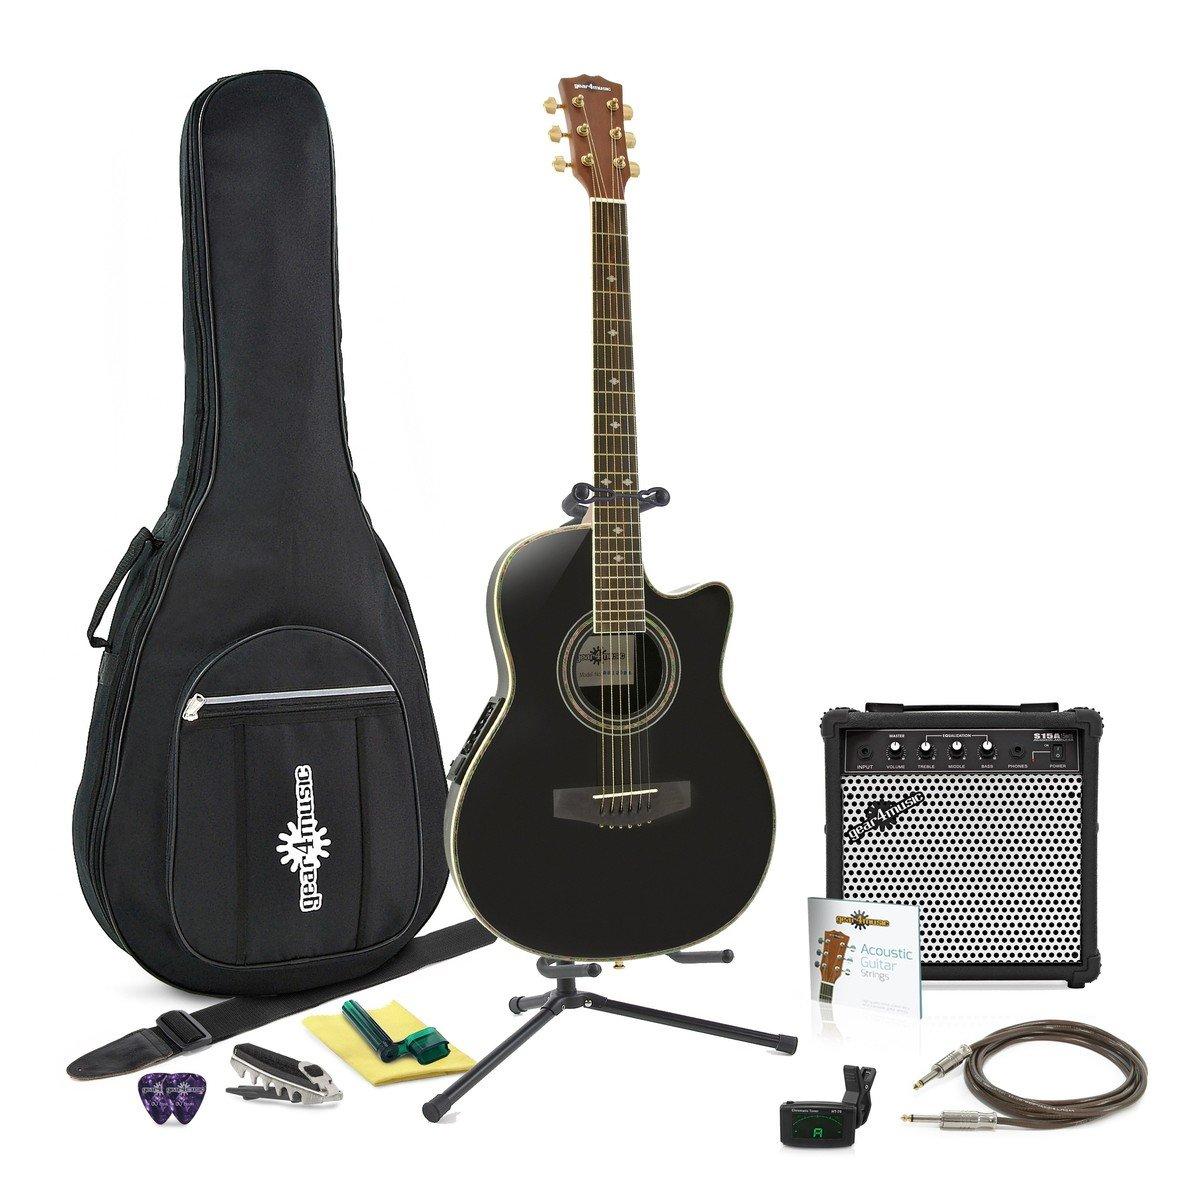 Cejilla cierre rapido Capo10 clamp para guitarra electrica y acustica